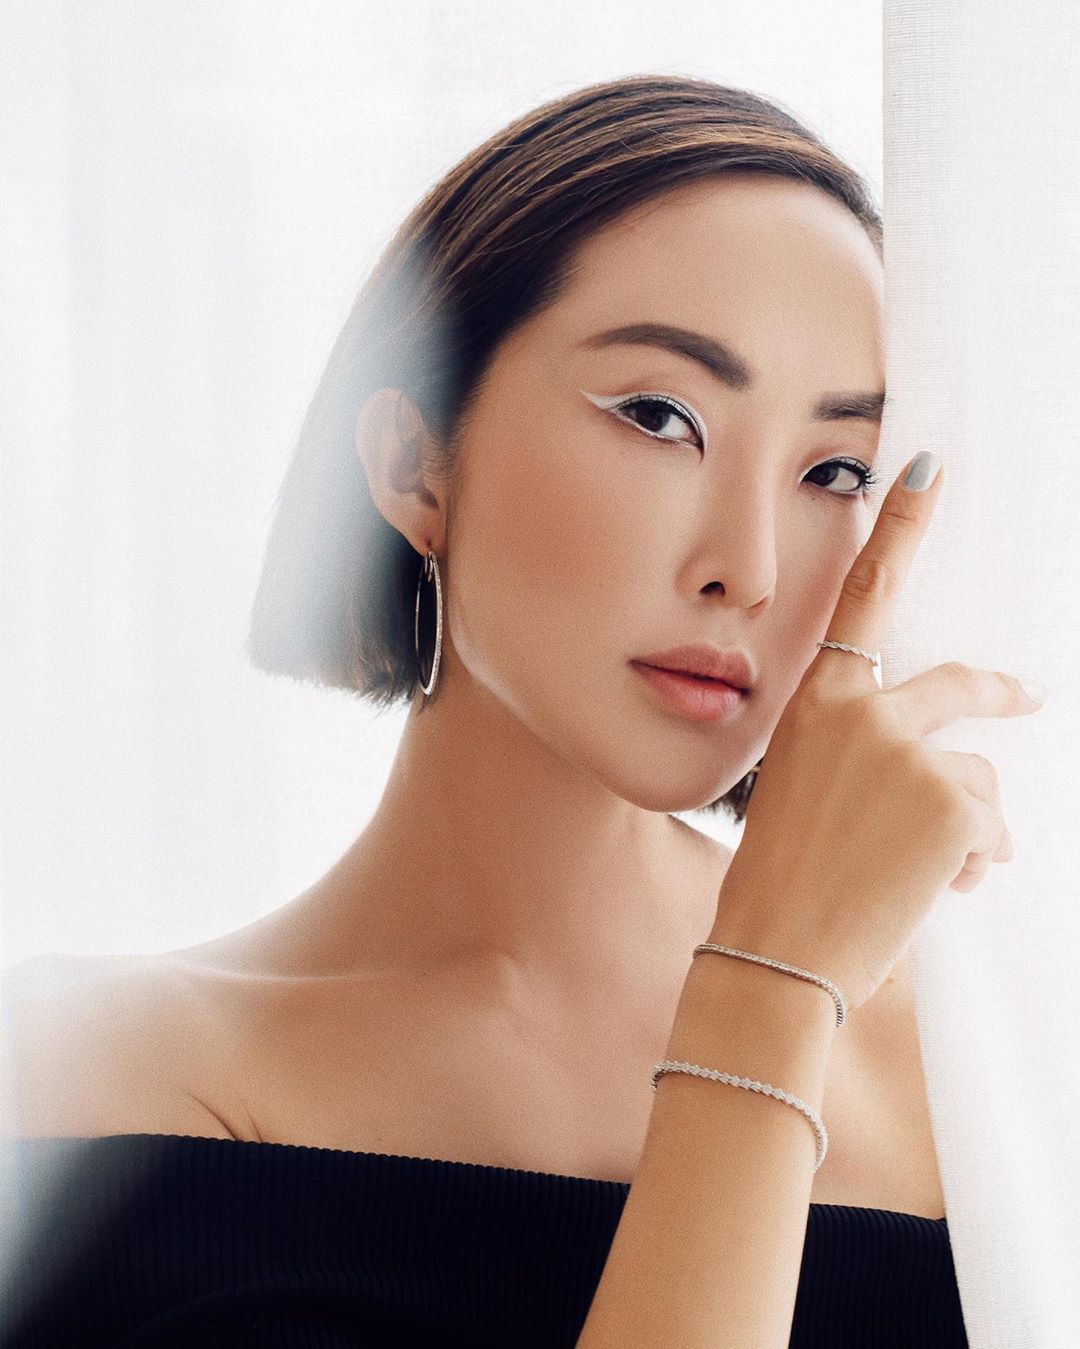 Thời trang cung cự giải - Chriselle Lim đeo trang sức bạc